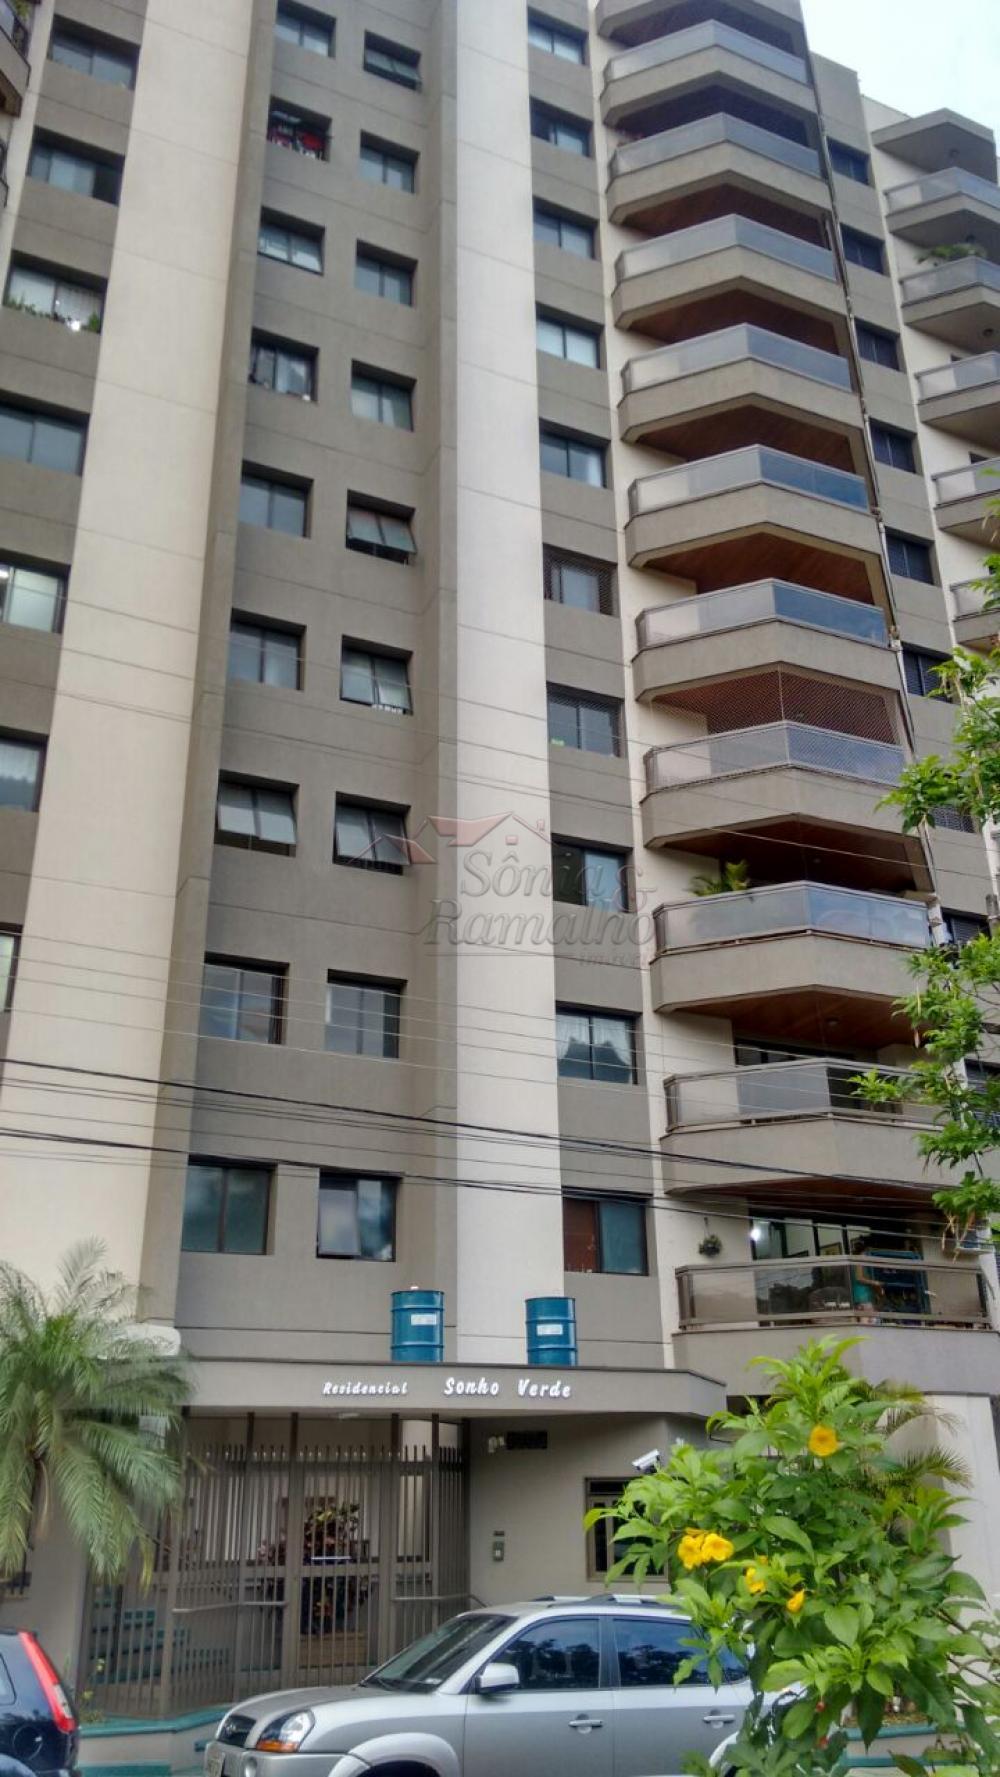 Comprar Apartamentos / Padrão em Ribeirão Preto apenas R$ 590.000,00 - Foto 5